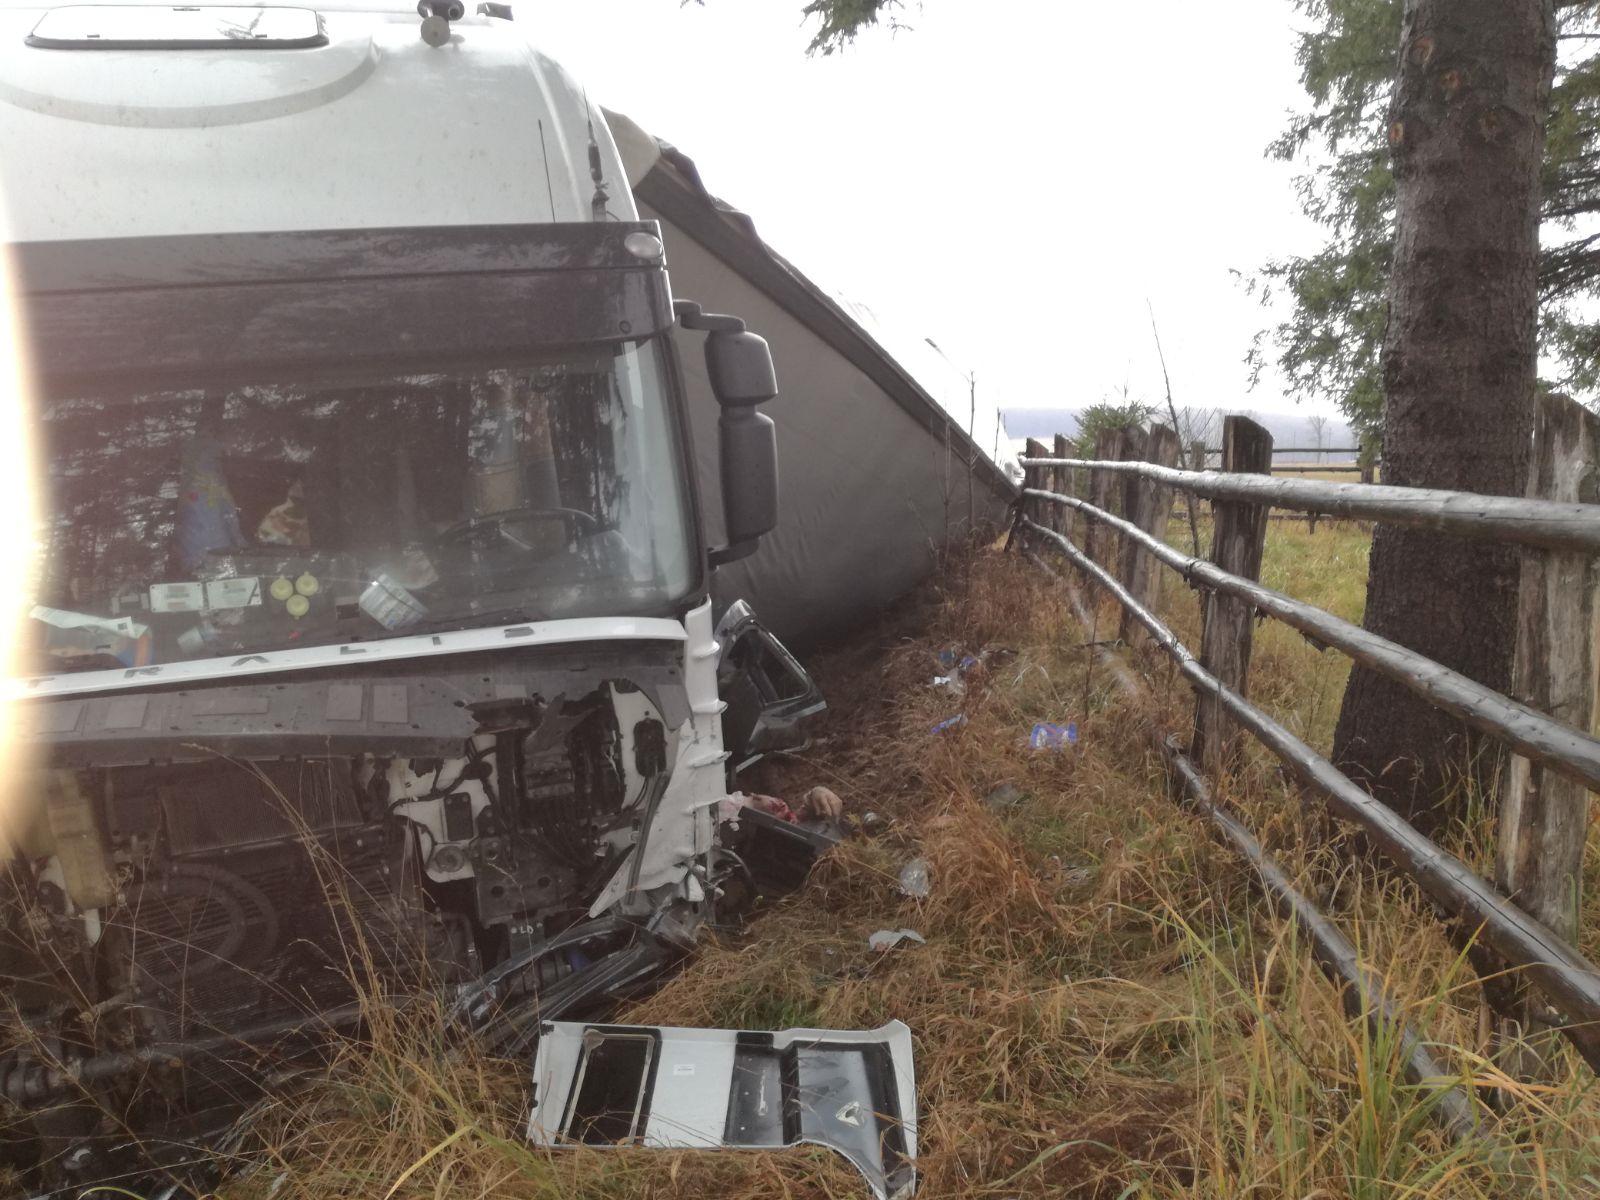 Două persoane au murit, după ce un TIR s-a răsturnat peste o maşină pe DN 1, în Braşov